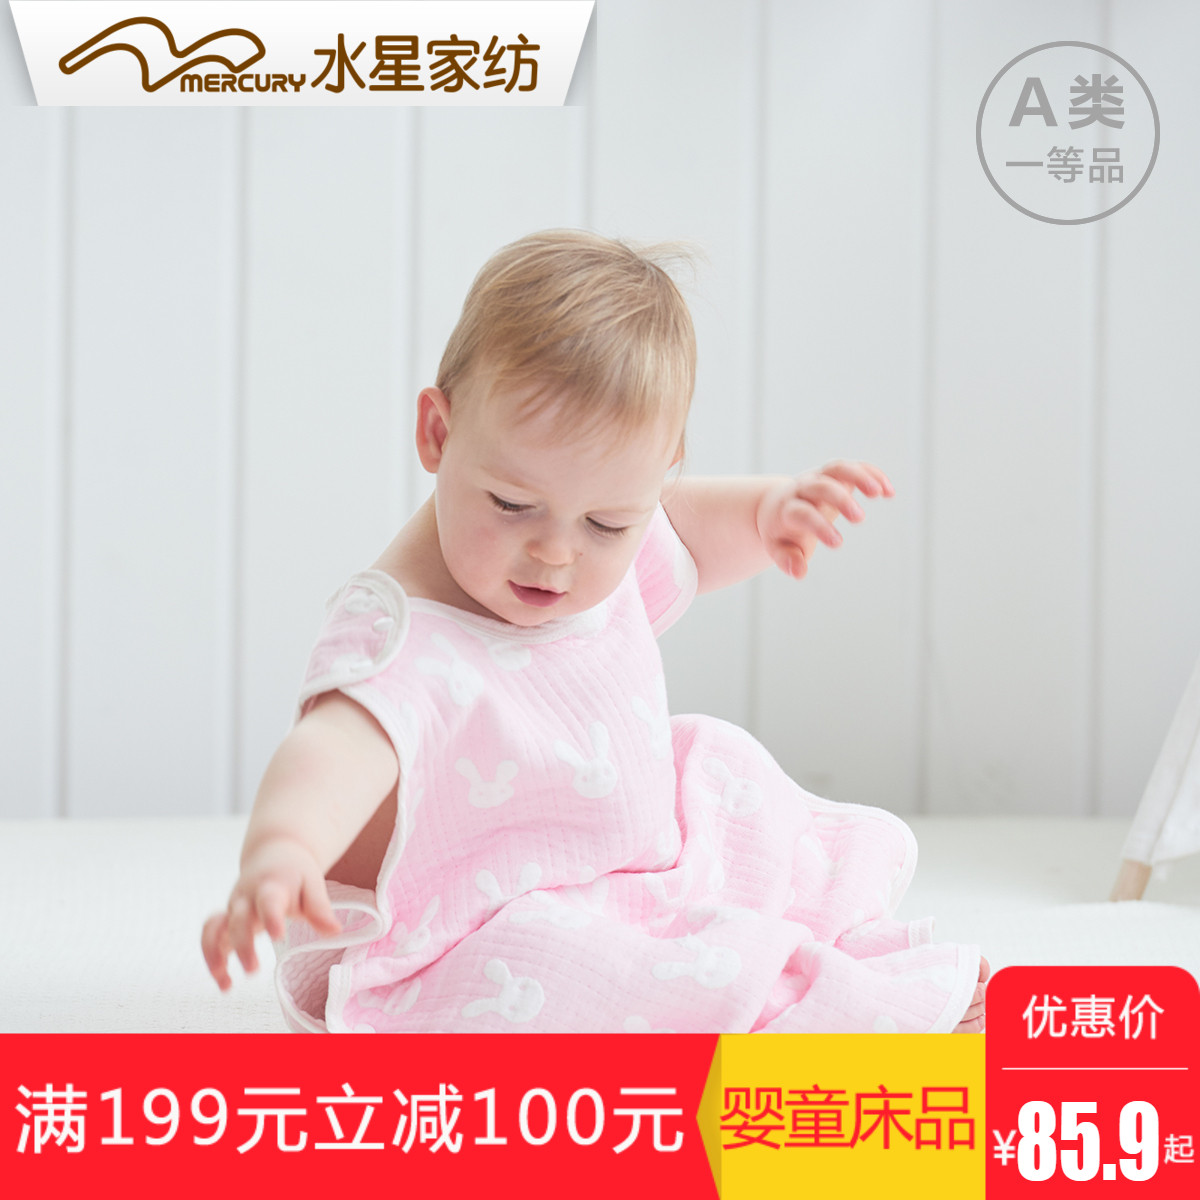 Вода звезда домой спин ребенок спальный мешок осень и зима ребенок противо удар одеяло ребенок BABY счастье кролик спальный мешок